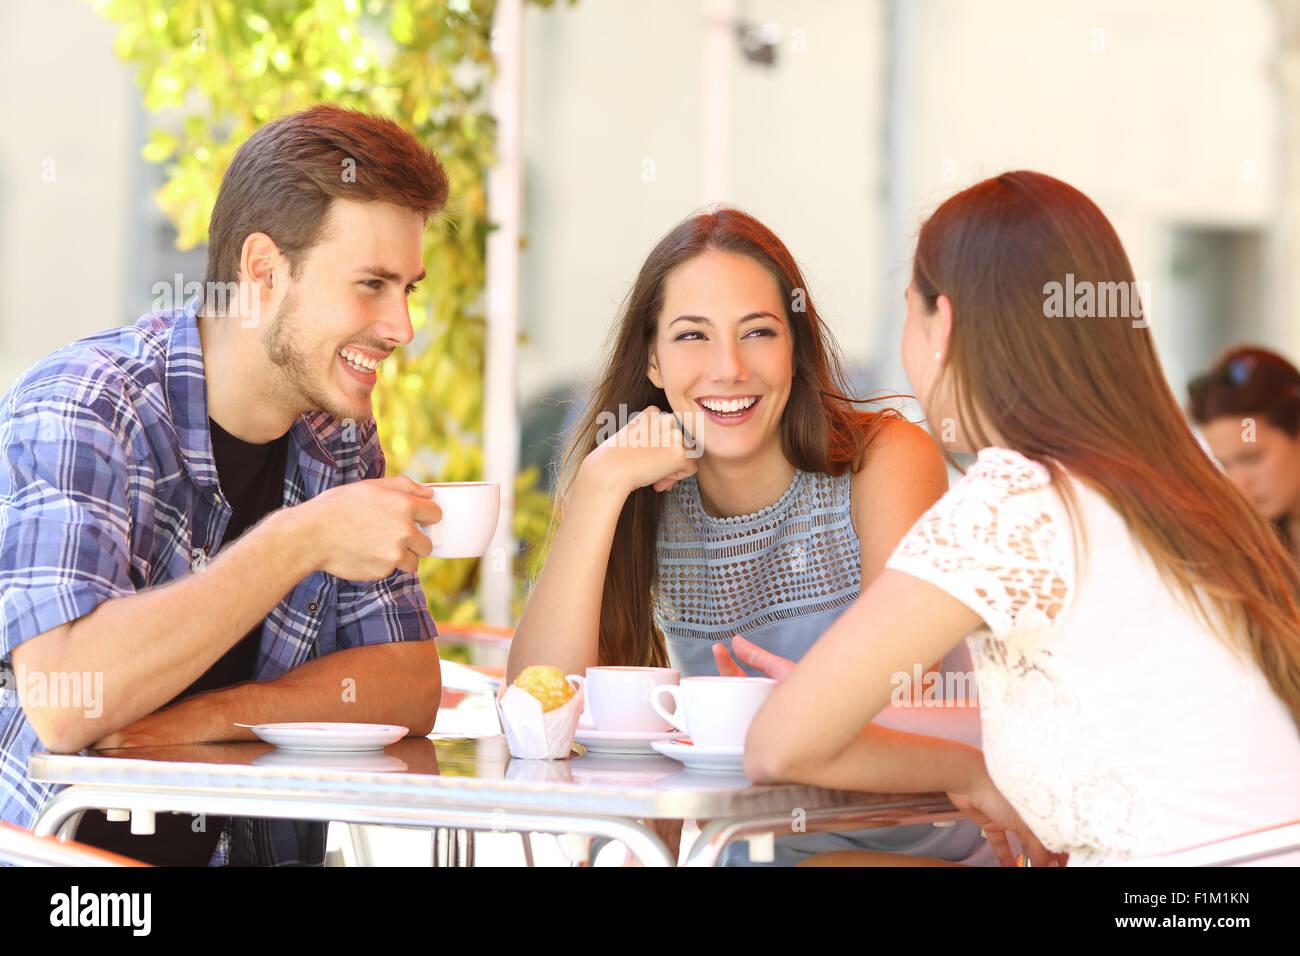 Trois amis heureux parler et rire dans un café terrasse Photo Stock